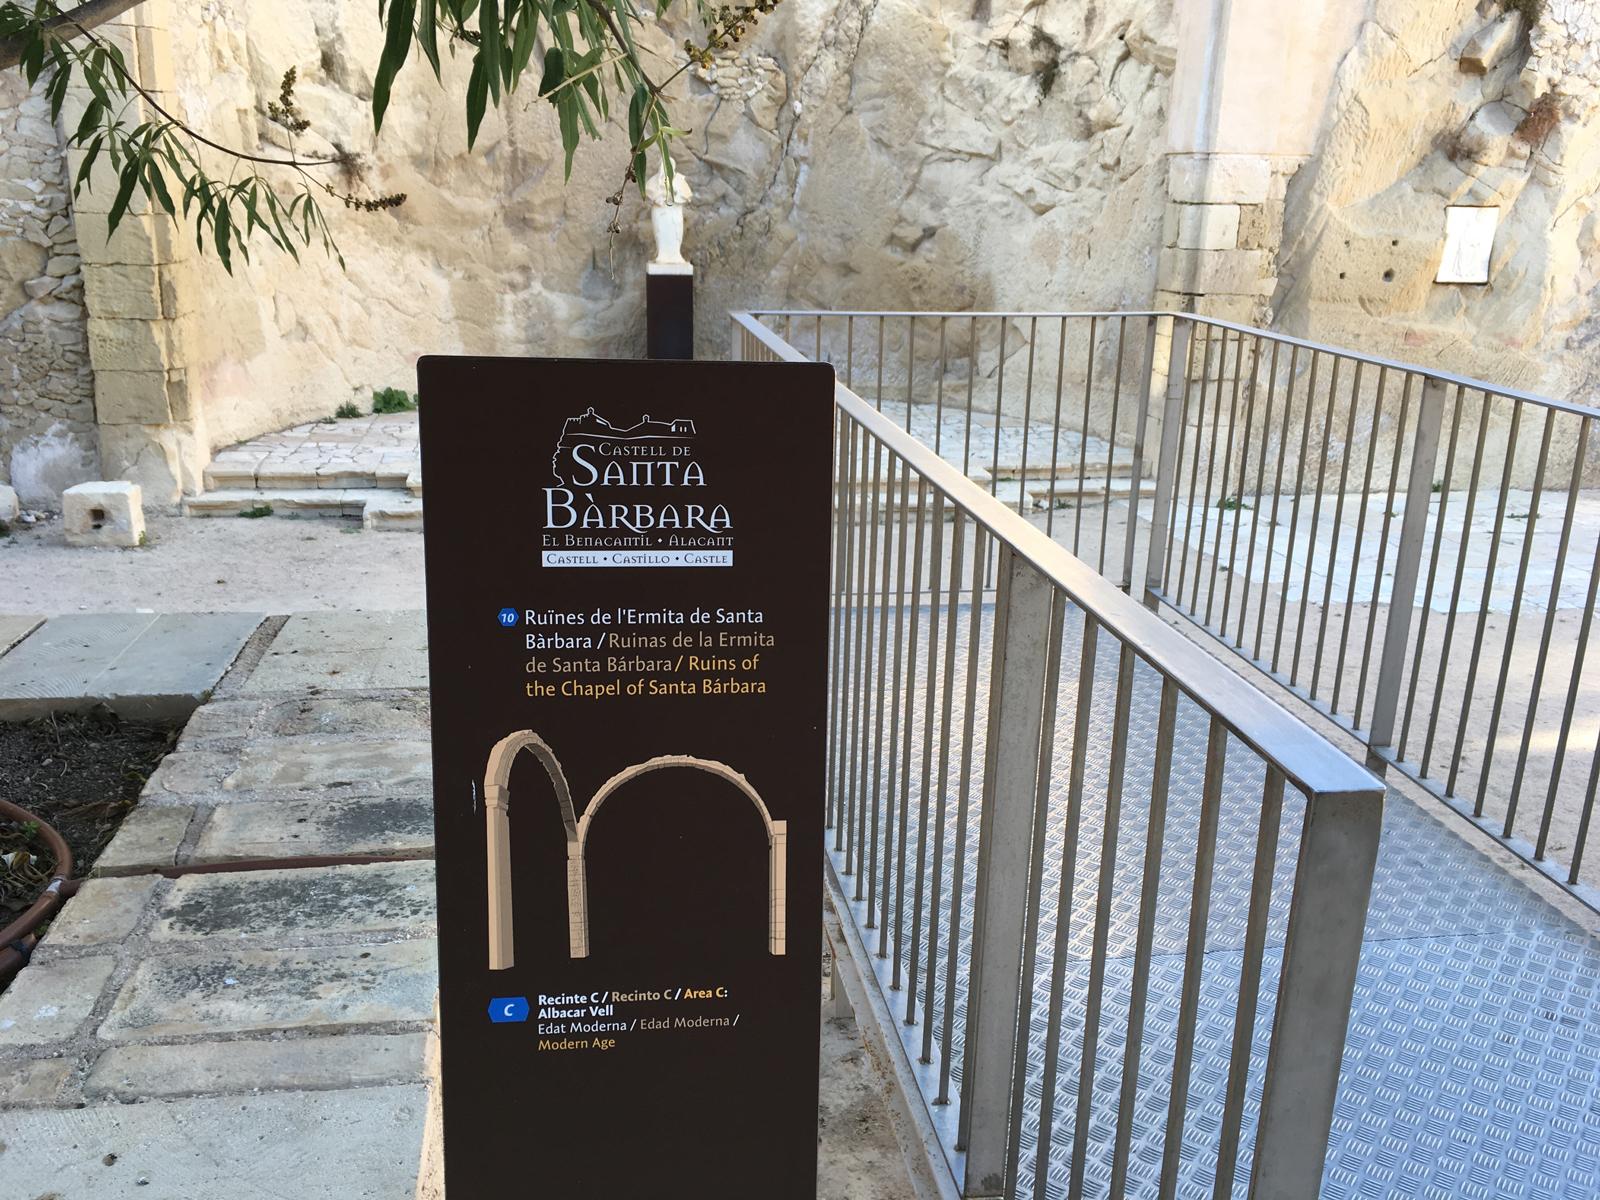 Totem de señalética de hitos en la fortaleza